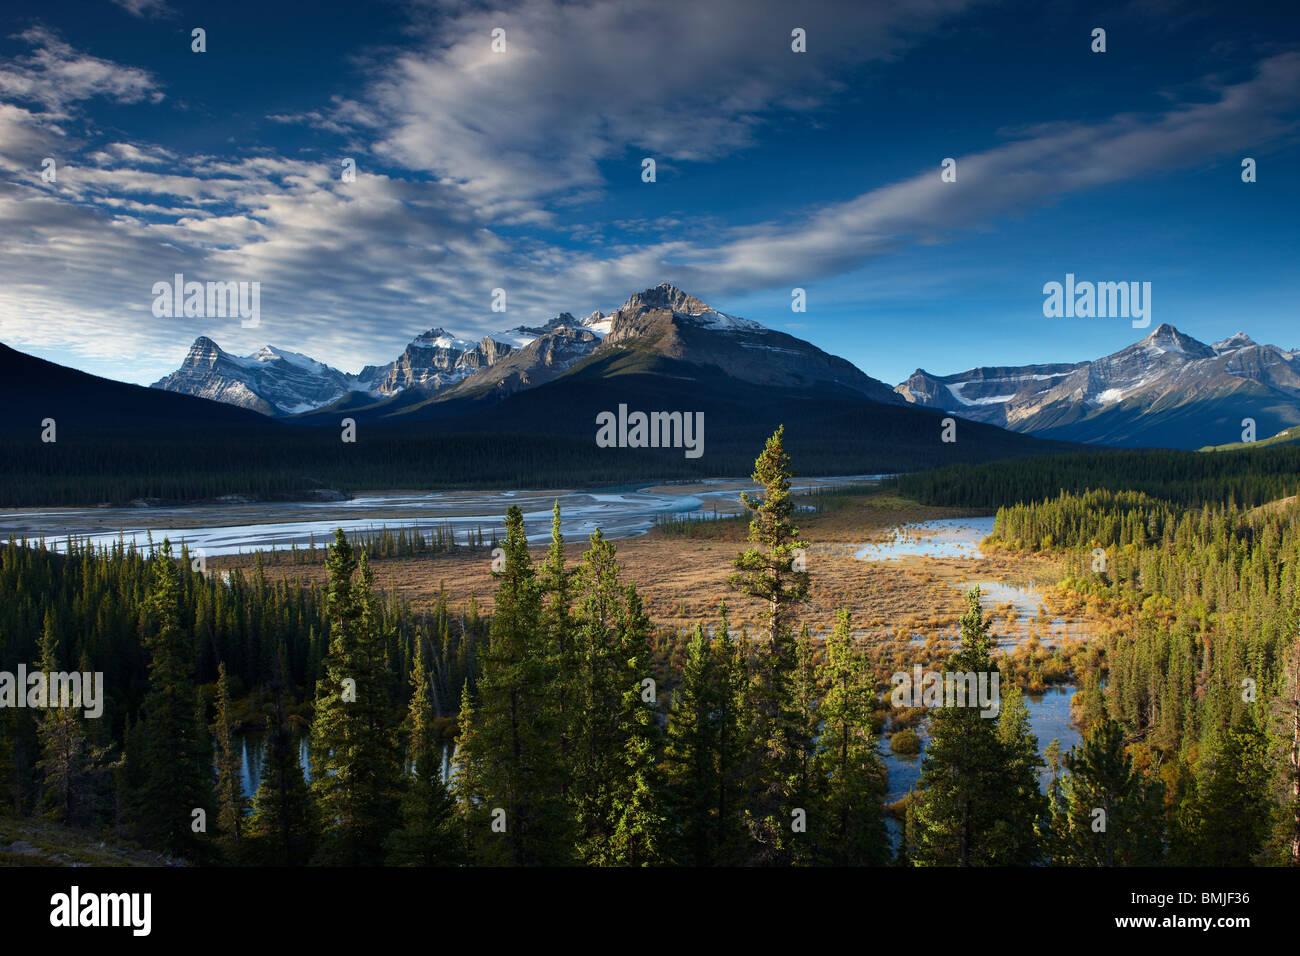 Howse Fluss und werden Berge, Saskatchewan Crossing, Banff Nationalpark, Alberta, Kanada Stockfoto